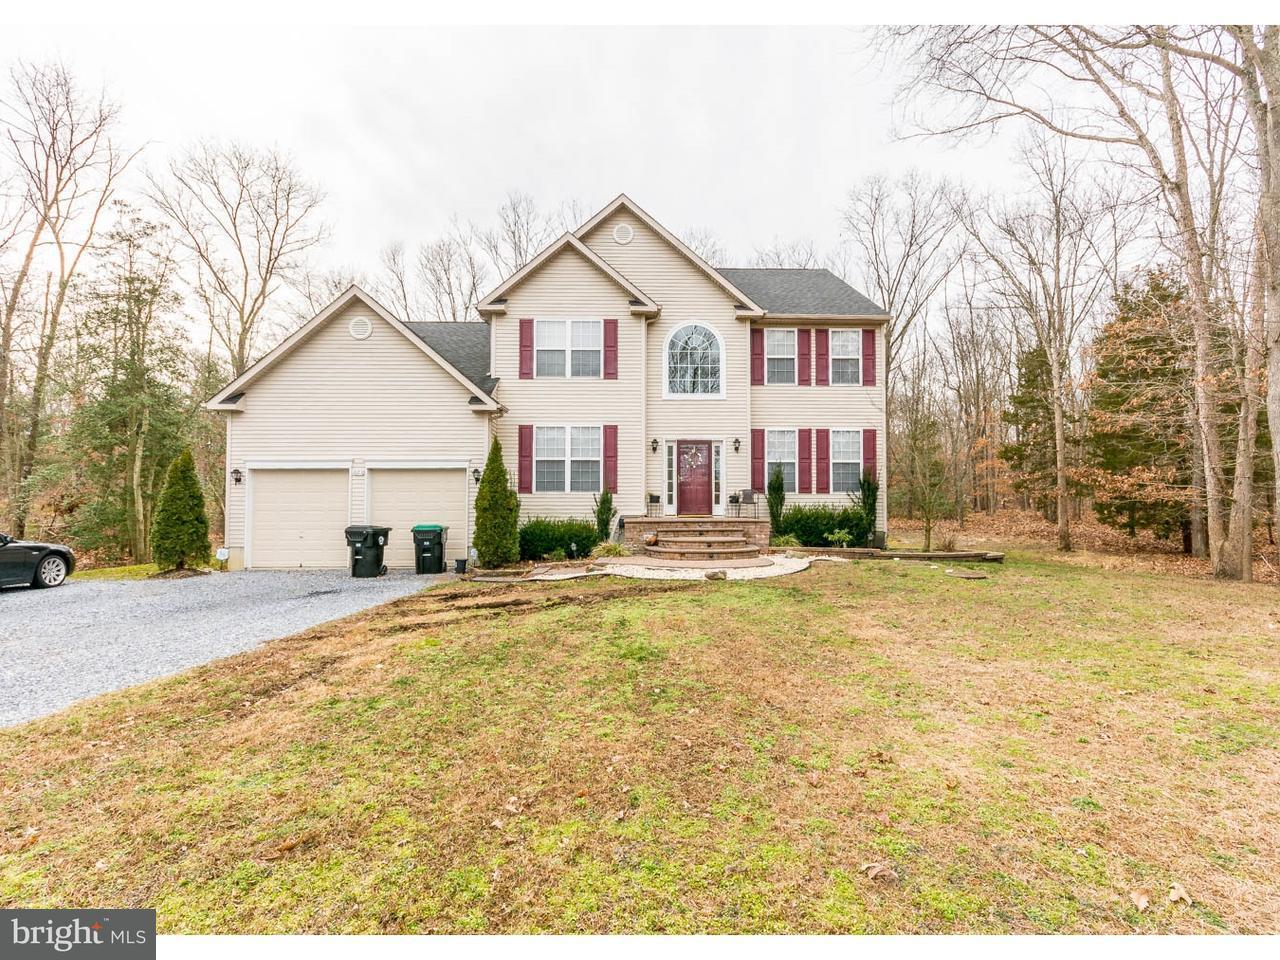 Casa Unifamiliar por un Alquiler en 623 WILBY Road Sicklerville, Nueva Jersey 08081 Estados Unidos